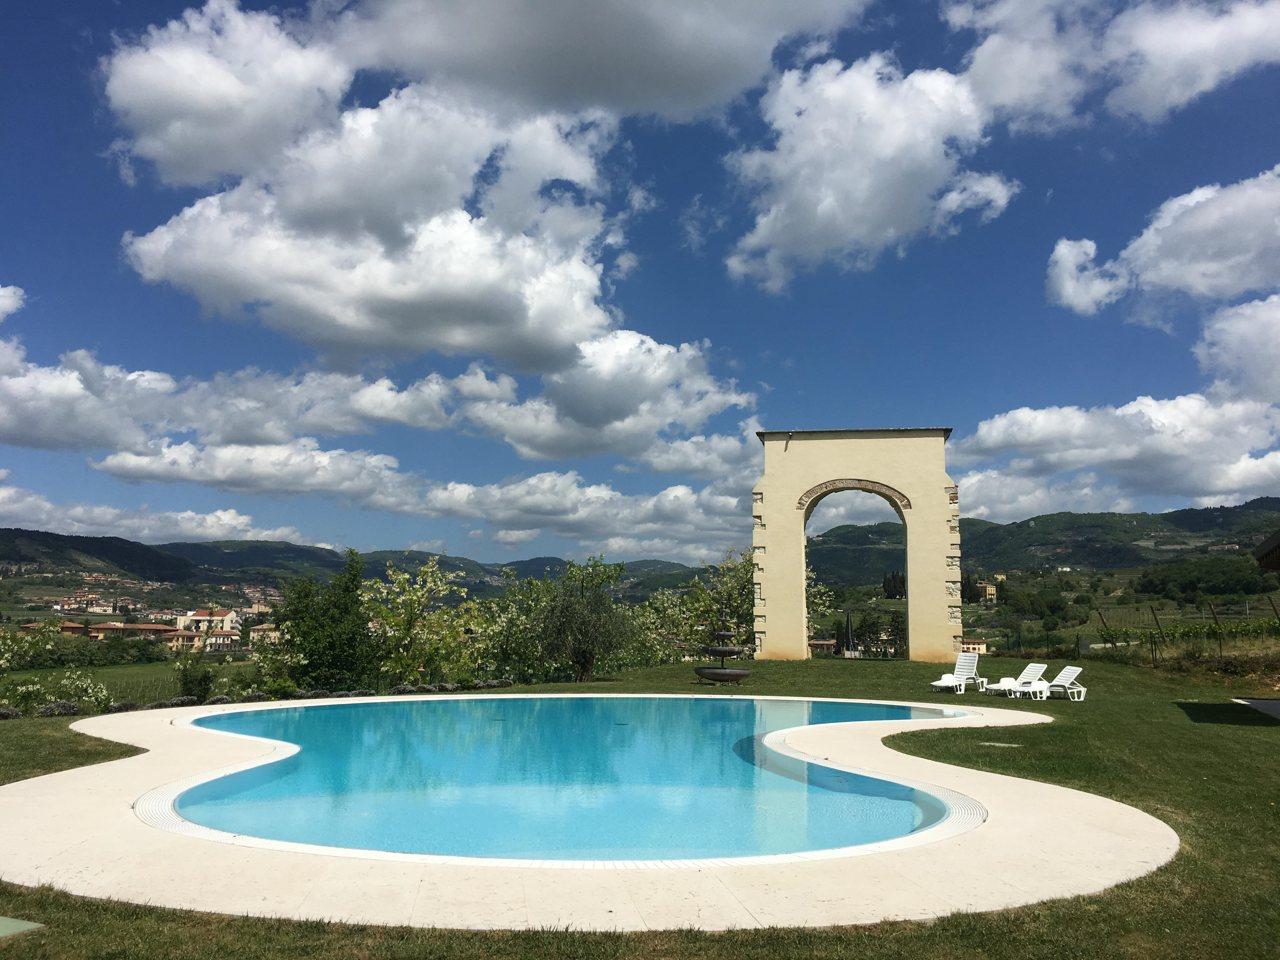 Pool at La Fonte Degli Dei